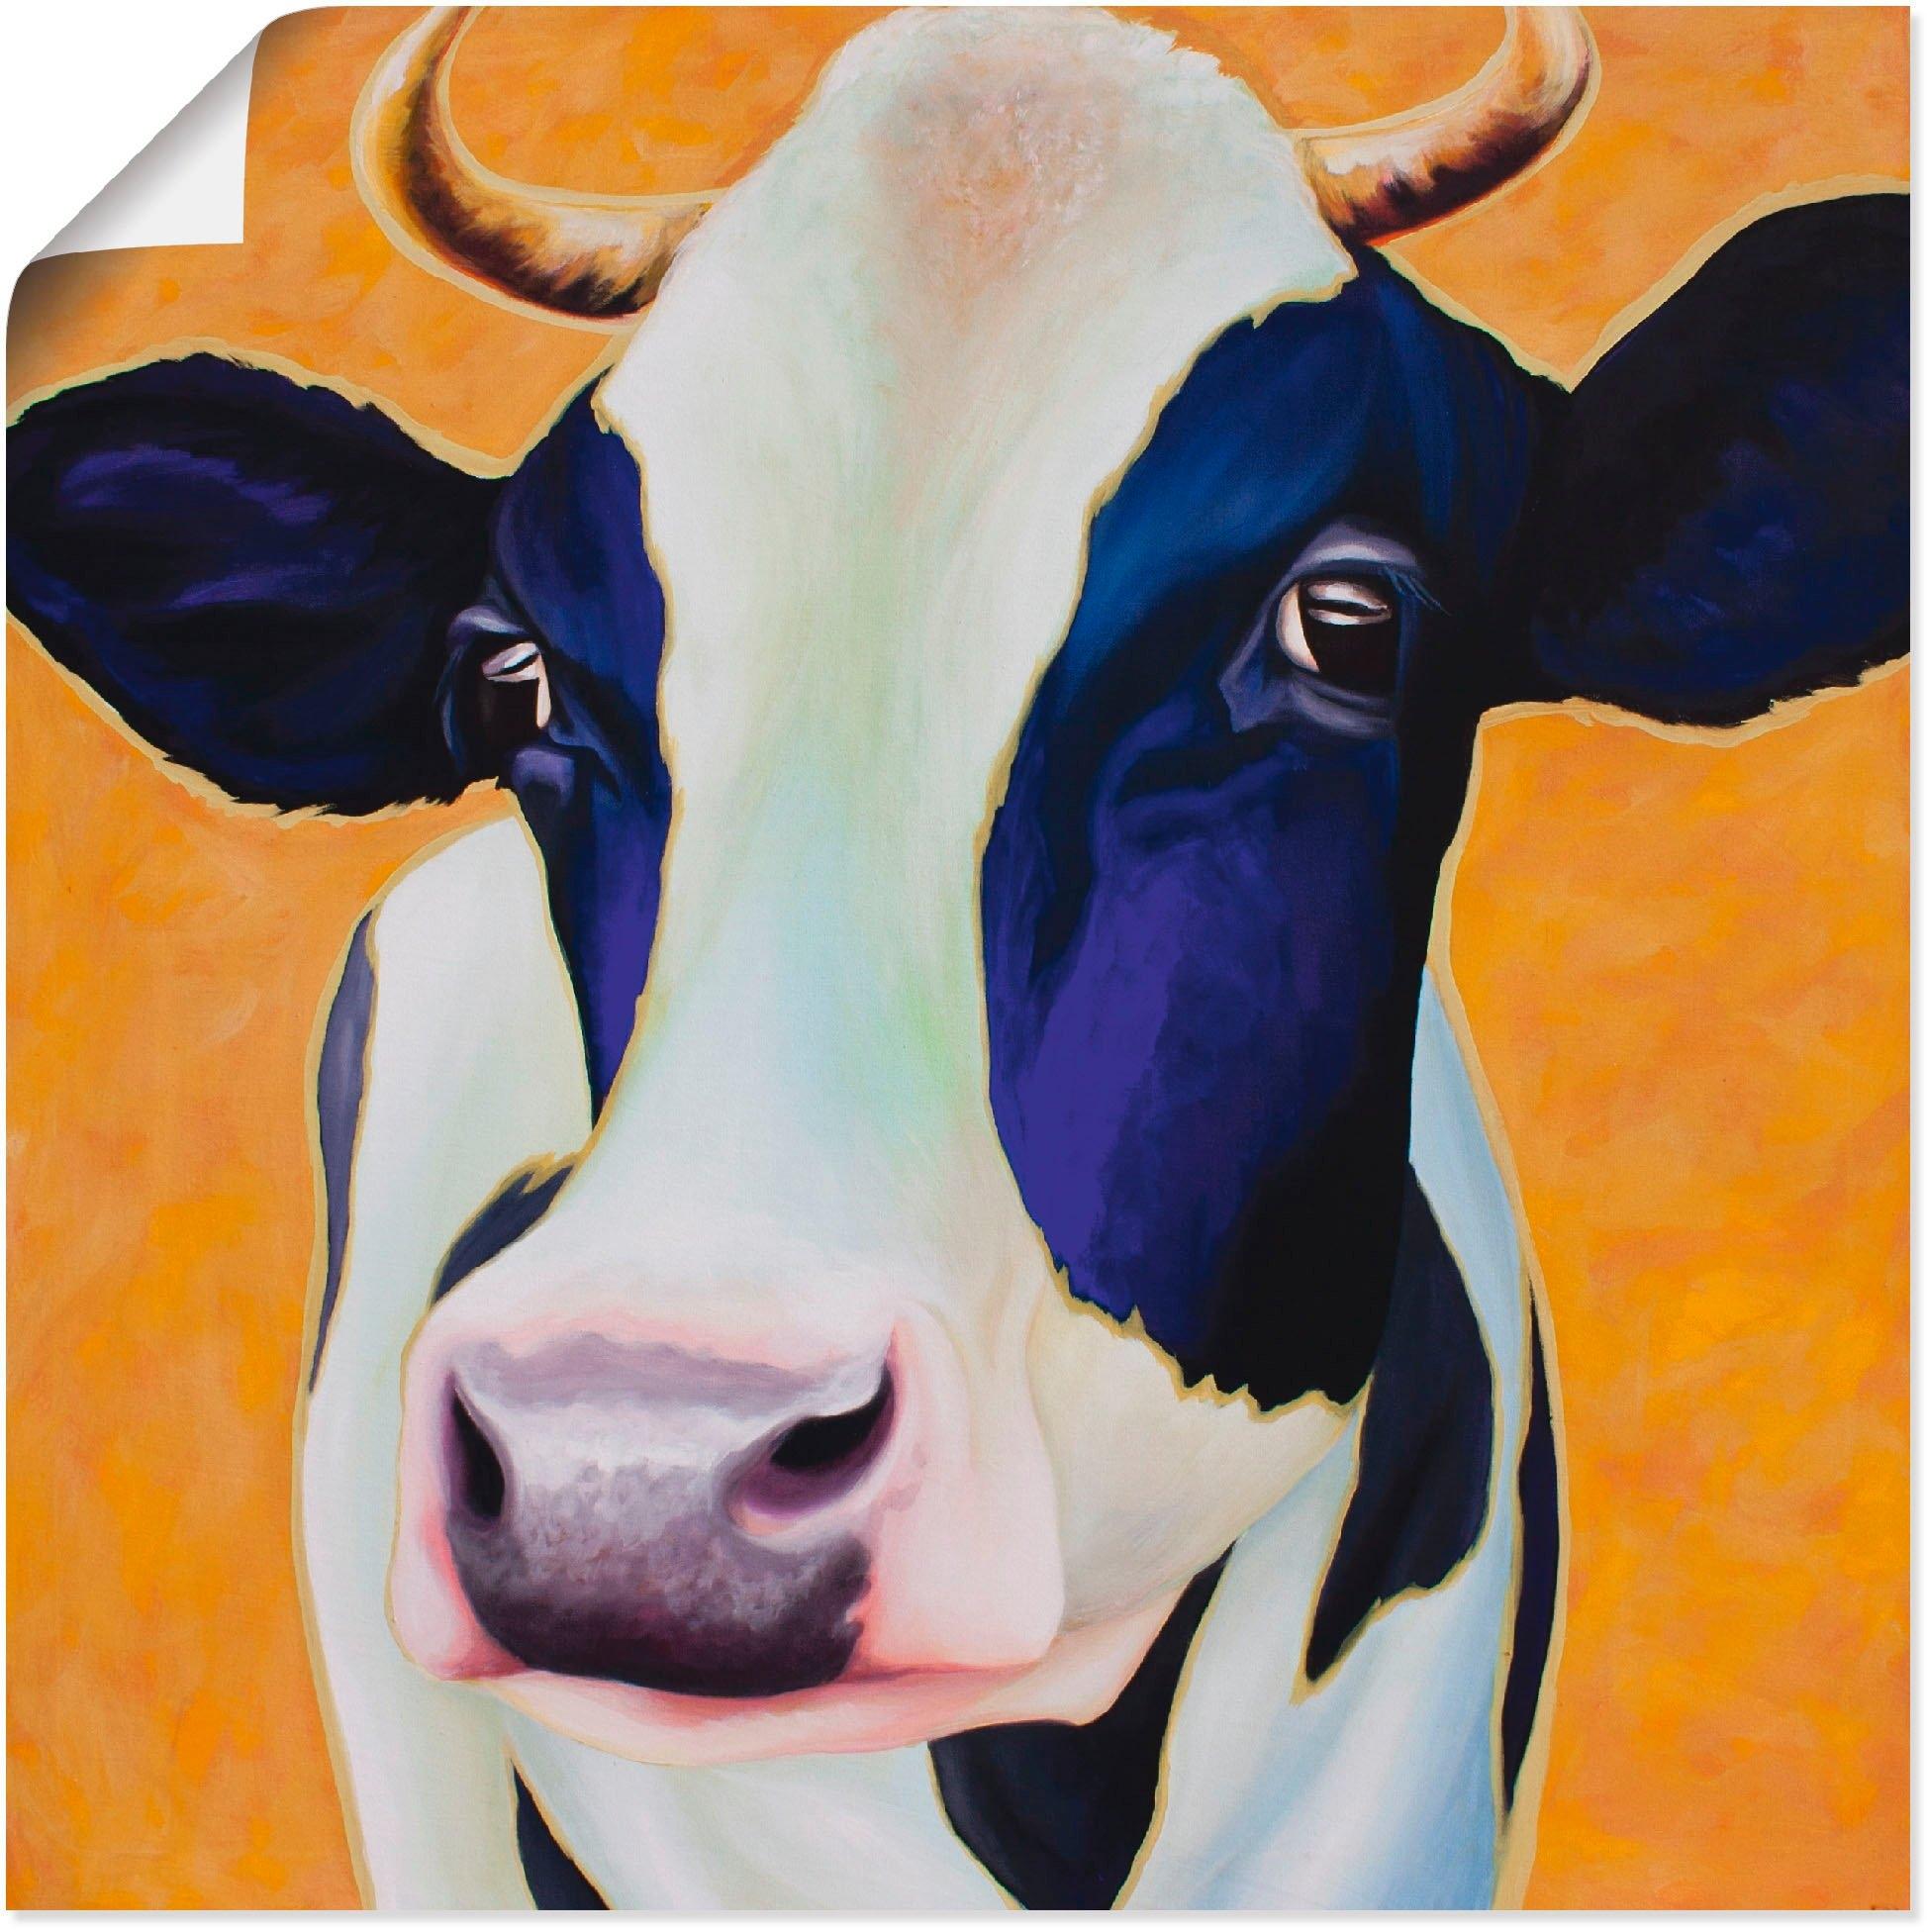 Artland artprint »Kuh Angelika« goedkoop op otto.nl kopen